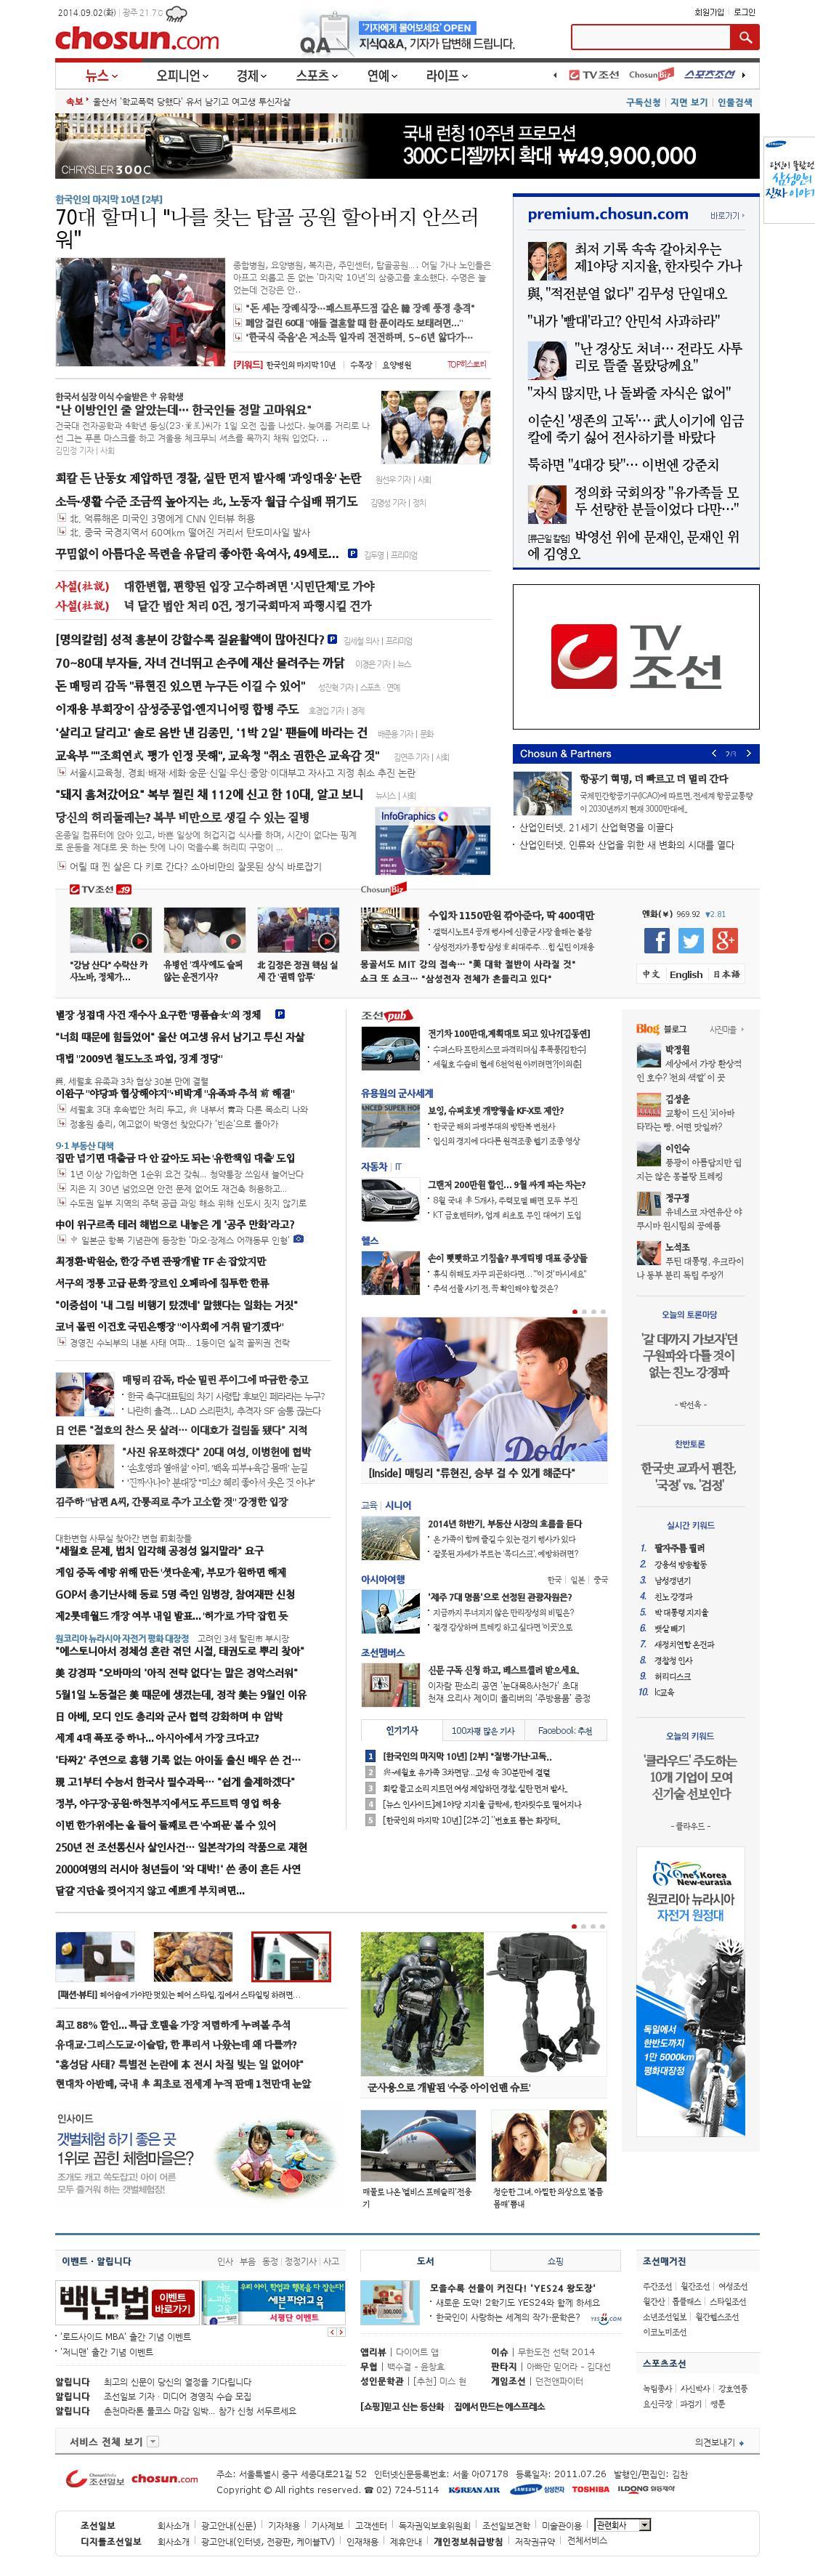 chosun.com at Tuesday Sept. 2, 2014, 1:03 a.m. UTC